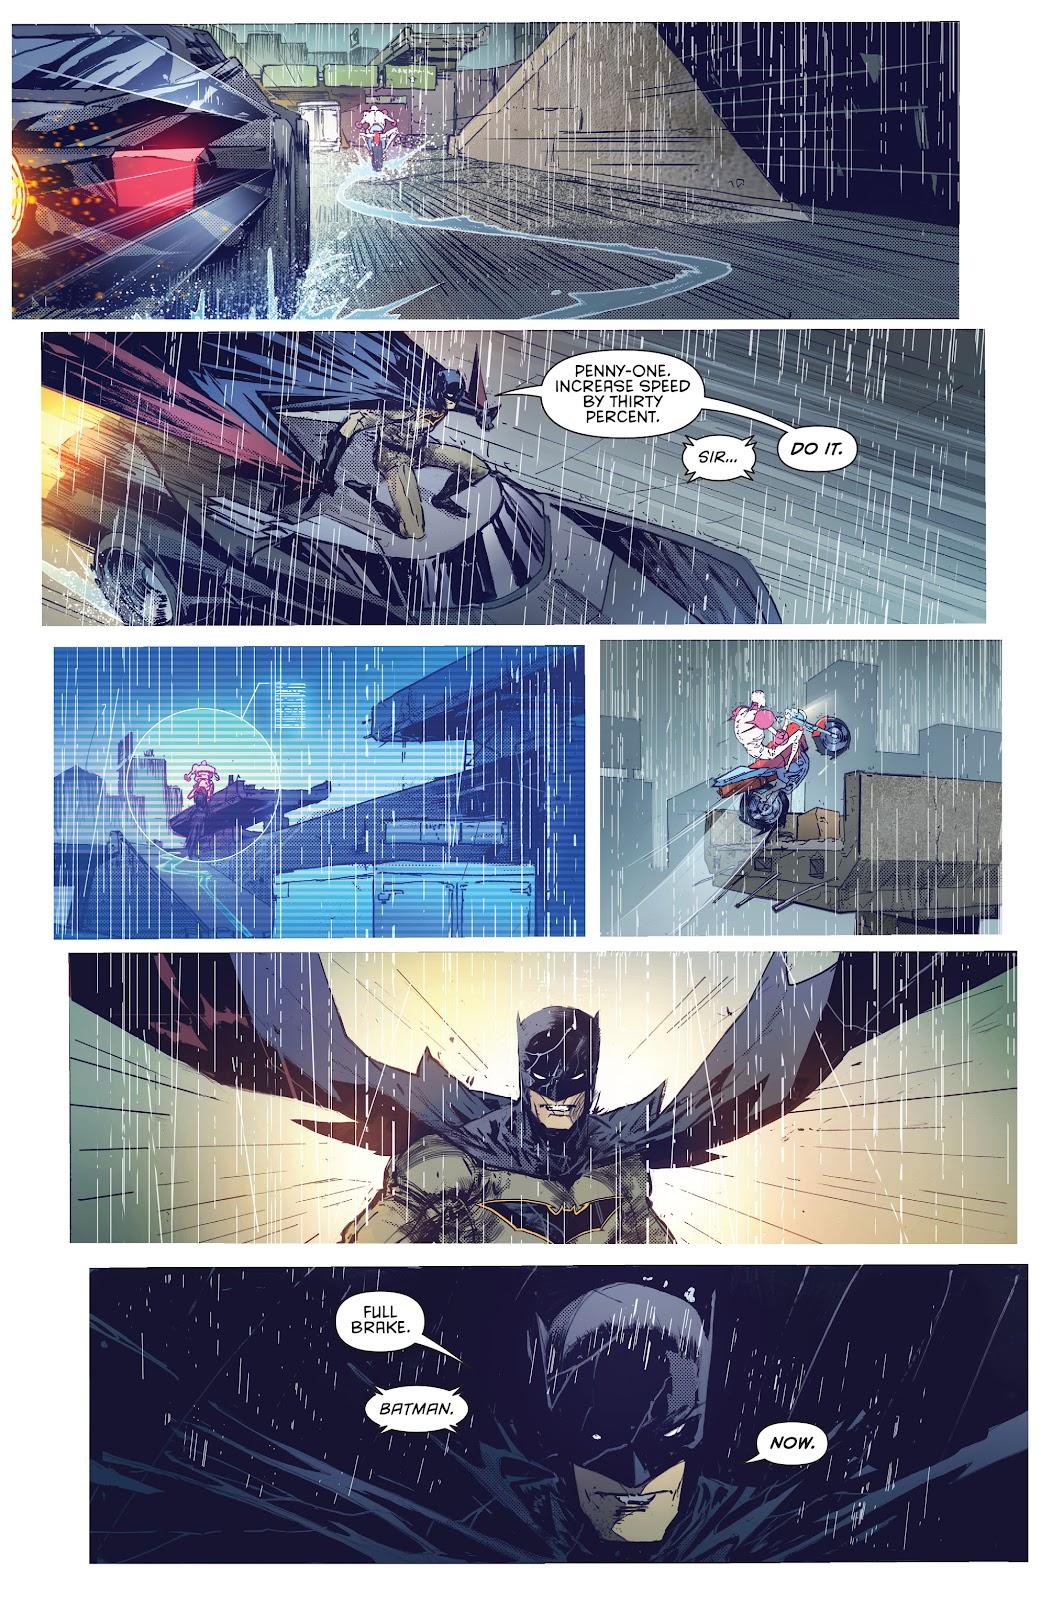 Batman (2011) Issue #52 #71 - English 15